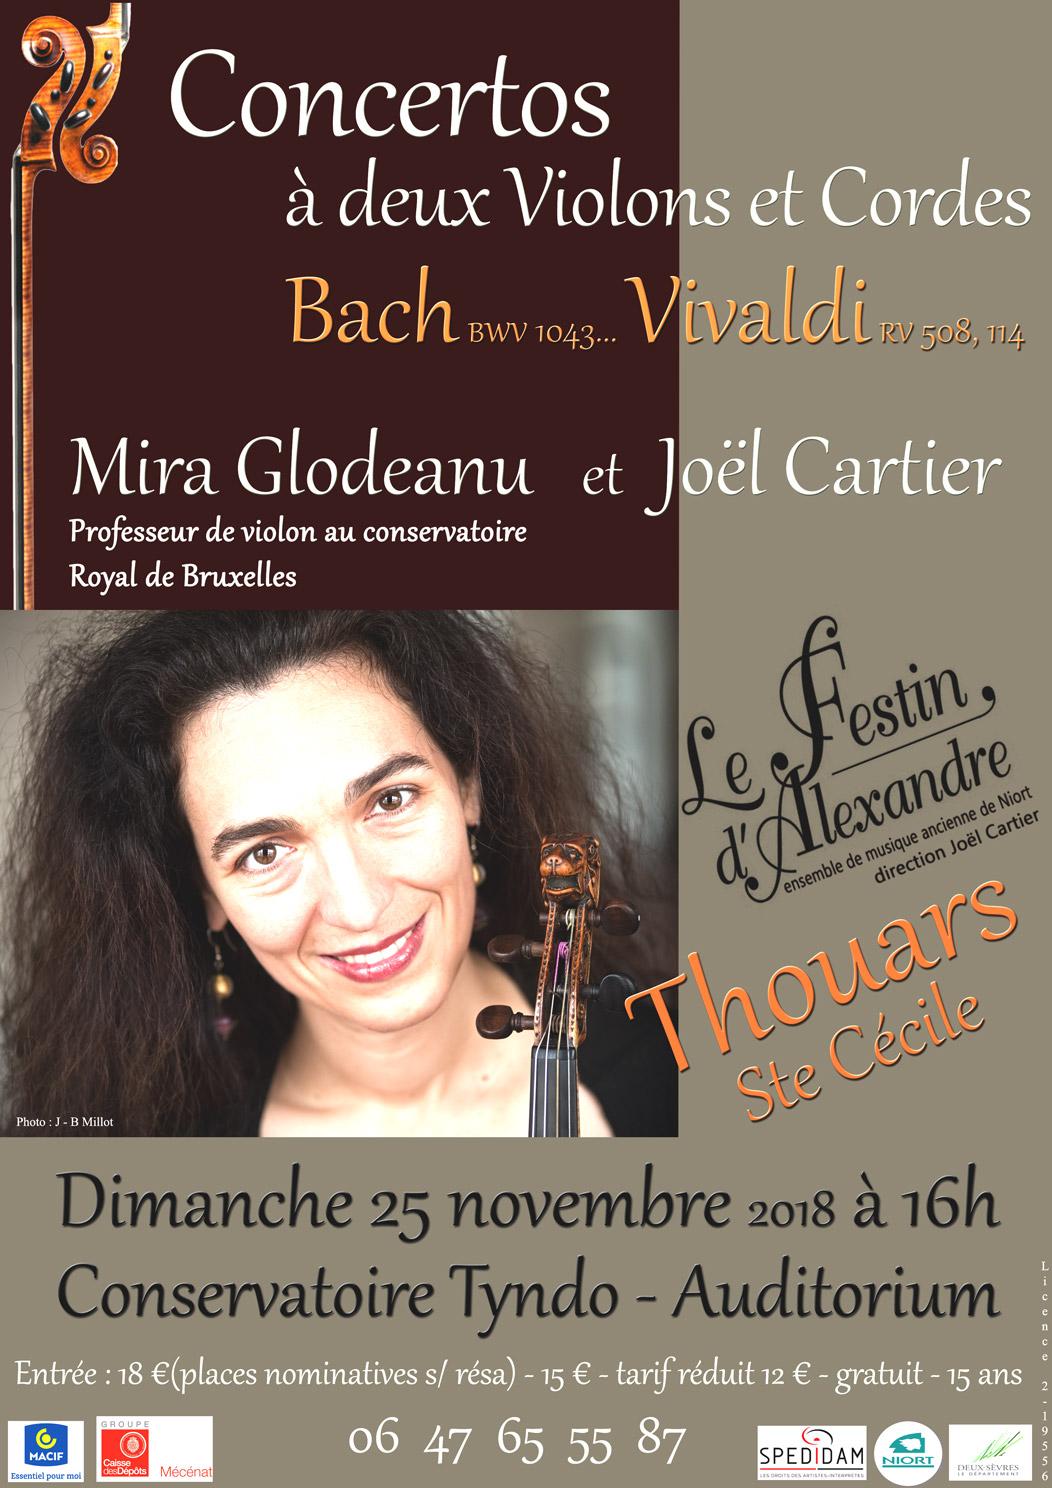 Mira Glodeanu Thouars